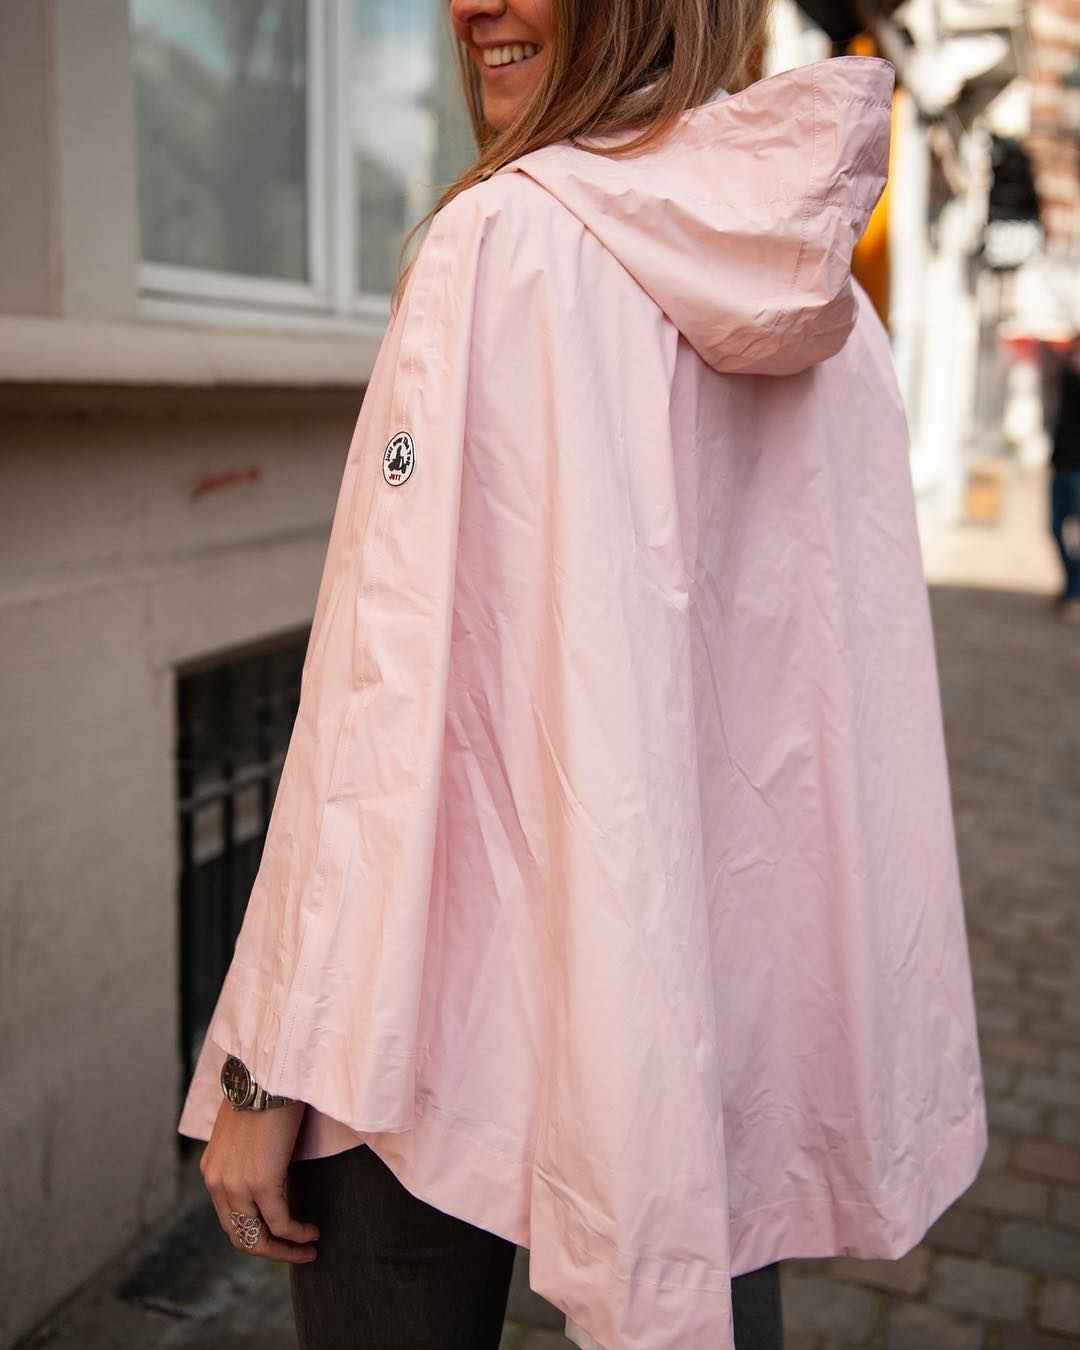 jott cape rose pale de Les Bourgeoises sur scanlesbourgeoises